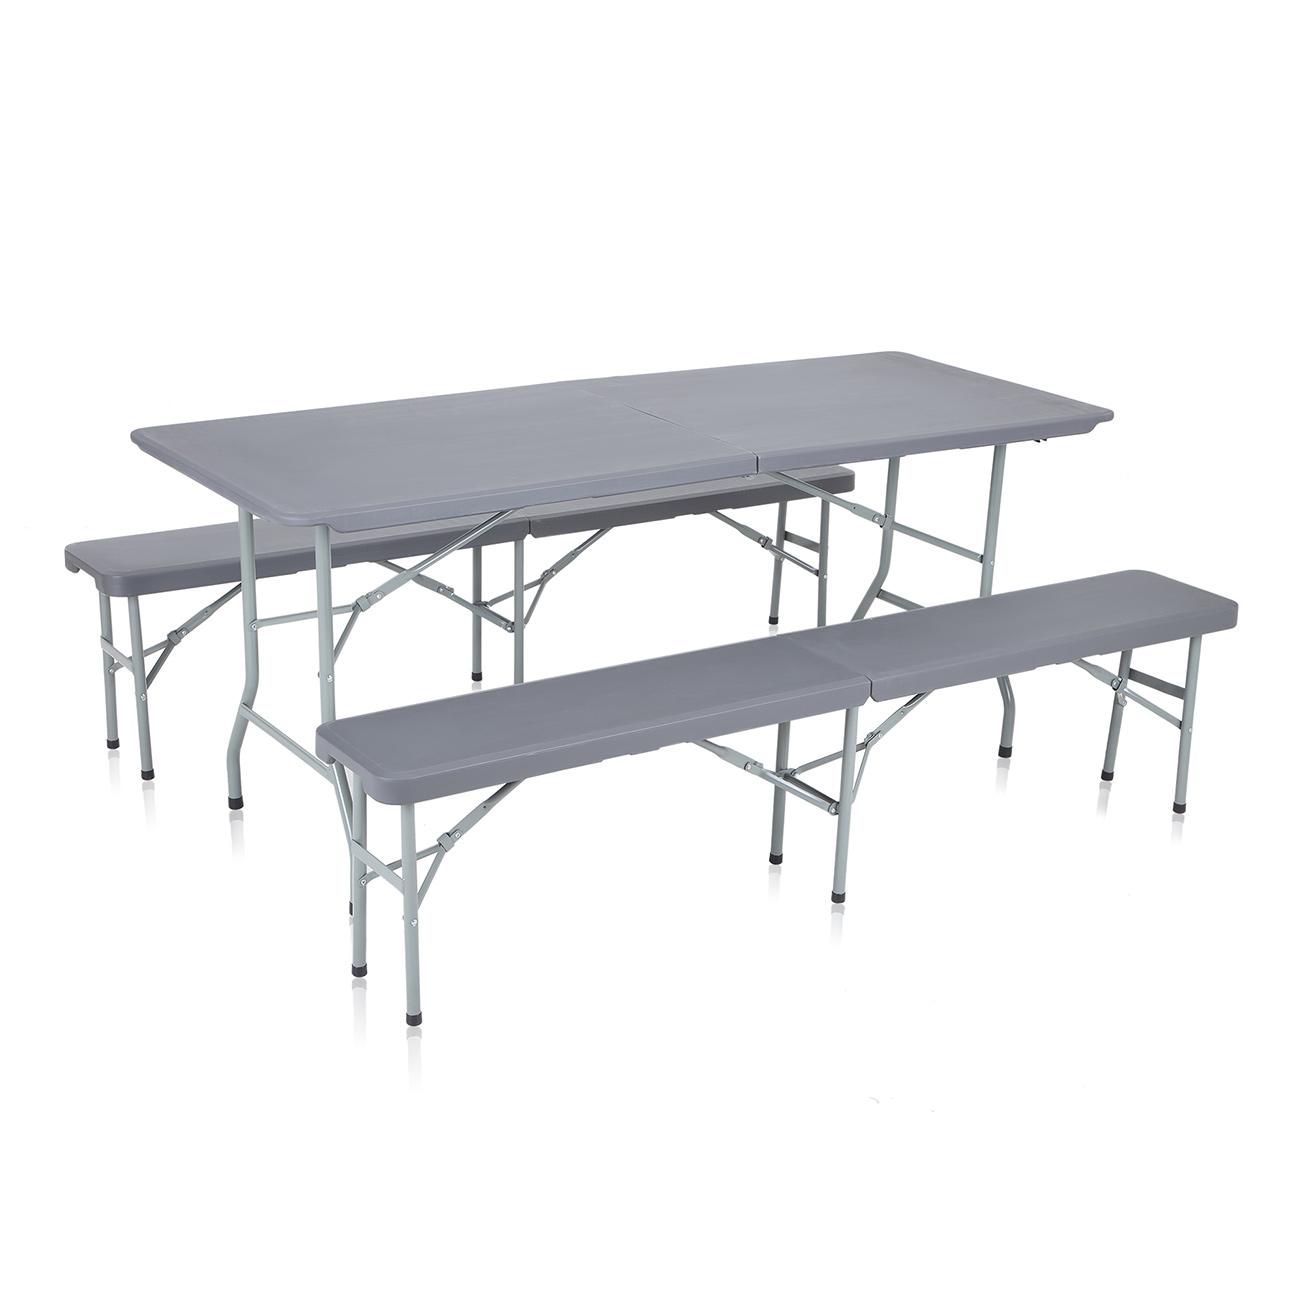 strattore set de jardin en plastique 2x banc et table pliable en gris fonc maison jardin. Black Bedroom Furniture Sets. Home Design Ideas